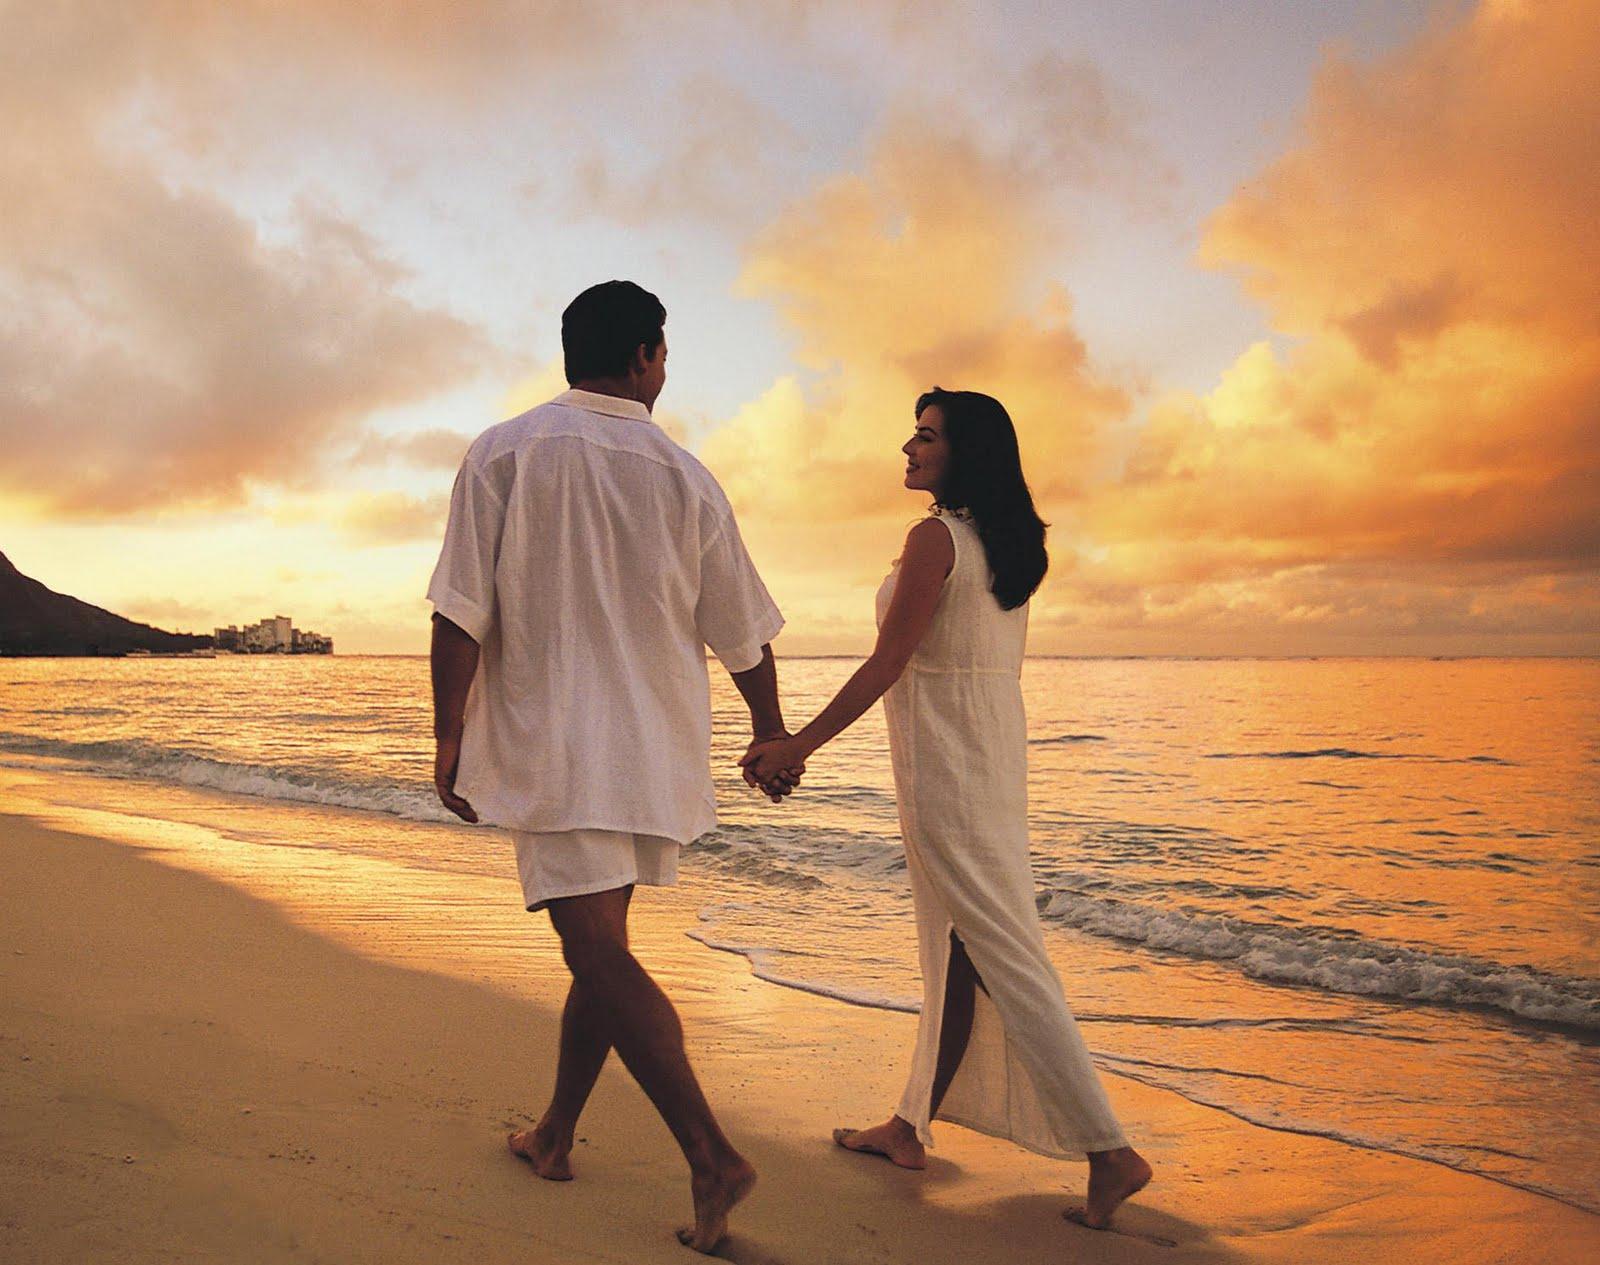 بالصور احلى صور رومانسيه , تعرف على رومانسية العشاق واجمل الصور التى تجمعهم مع بعضهما 2850